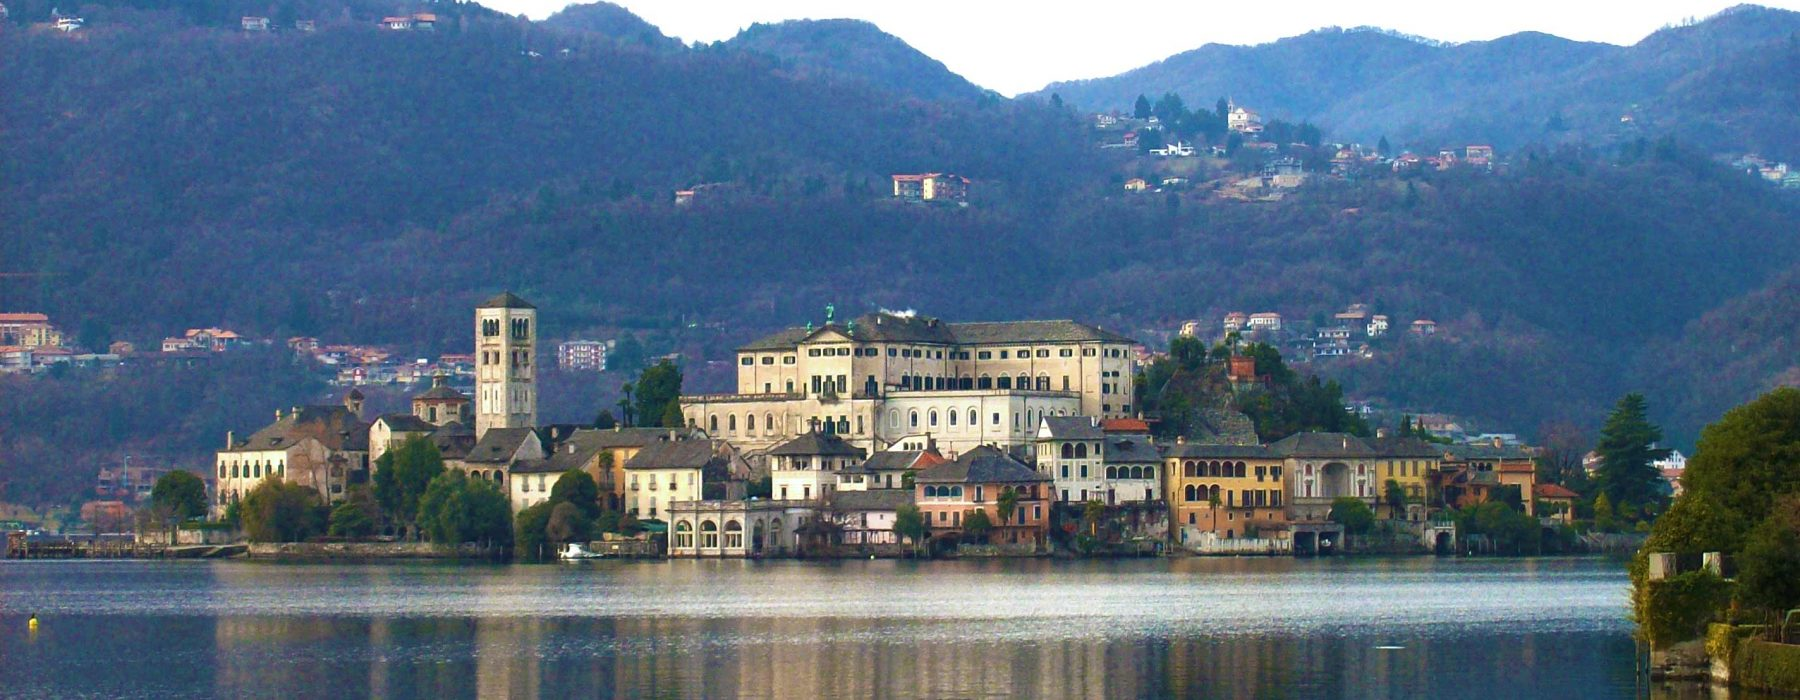 La romantica scenografia del lago d'Orta… Appuntamento con l'amore